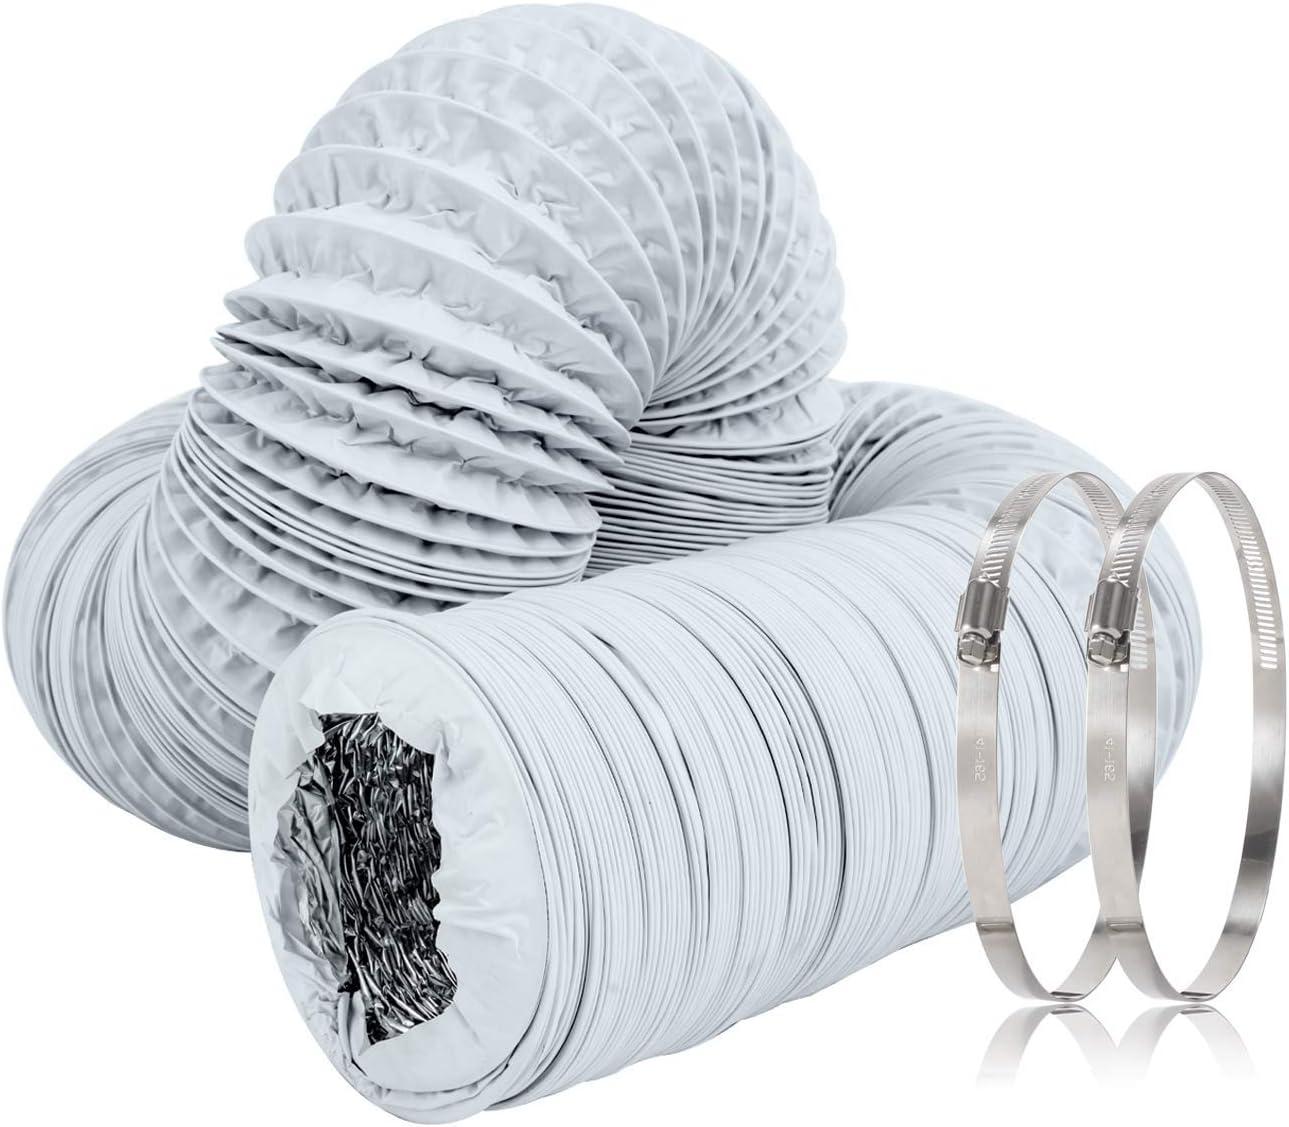 Hon&Guan Tubo de Manguera de Ventilación Tubo Aire Flexible di Aluminio PVC para Extractor de Aire, Climatización, Secadora(ø125mm*10m, Blanco): Amazon.es: Bricolaje y herramientas